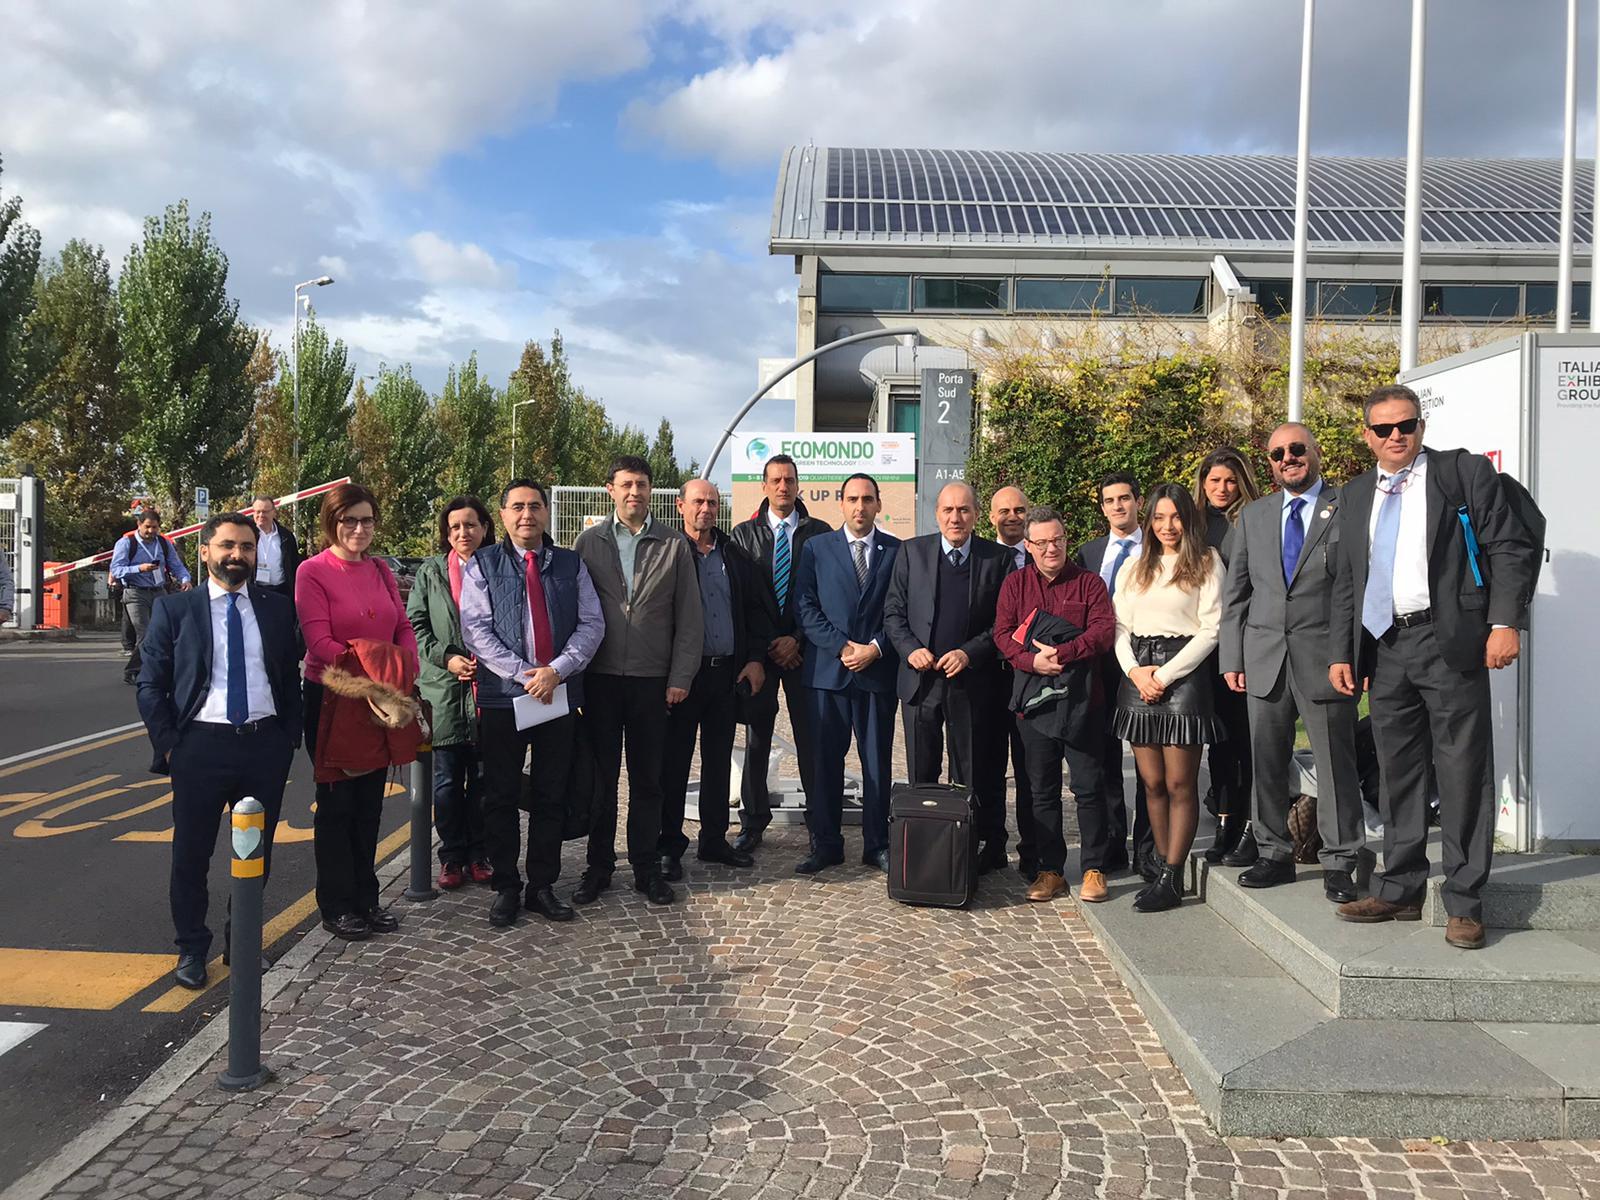 Ecomondo 2019: Delegazioni dall'Africa e dalla Regione del MENA accompagnate da UNIDO ITPO Italy